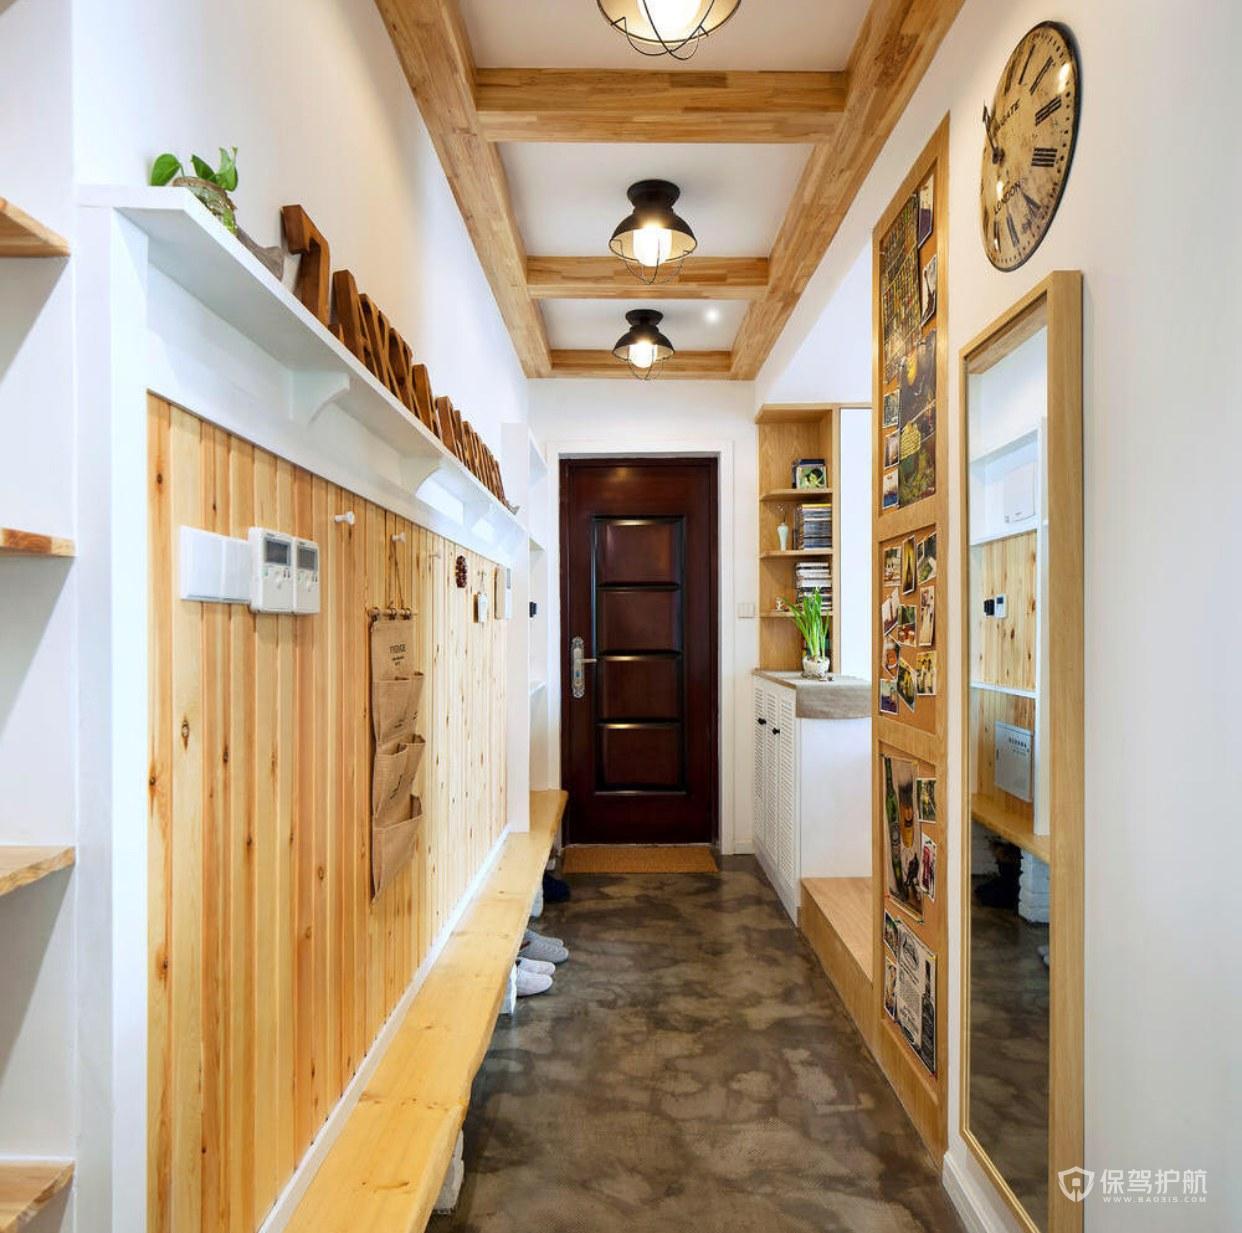 鞋柜应放在进门的哪边?进门鞋柜摆放注意事项有?#30007;?